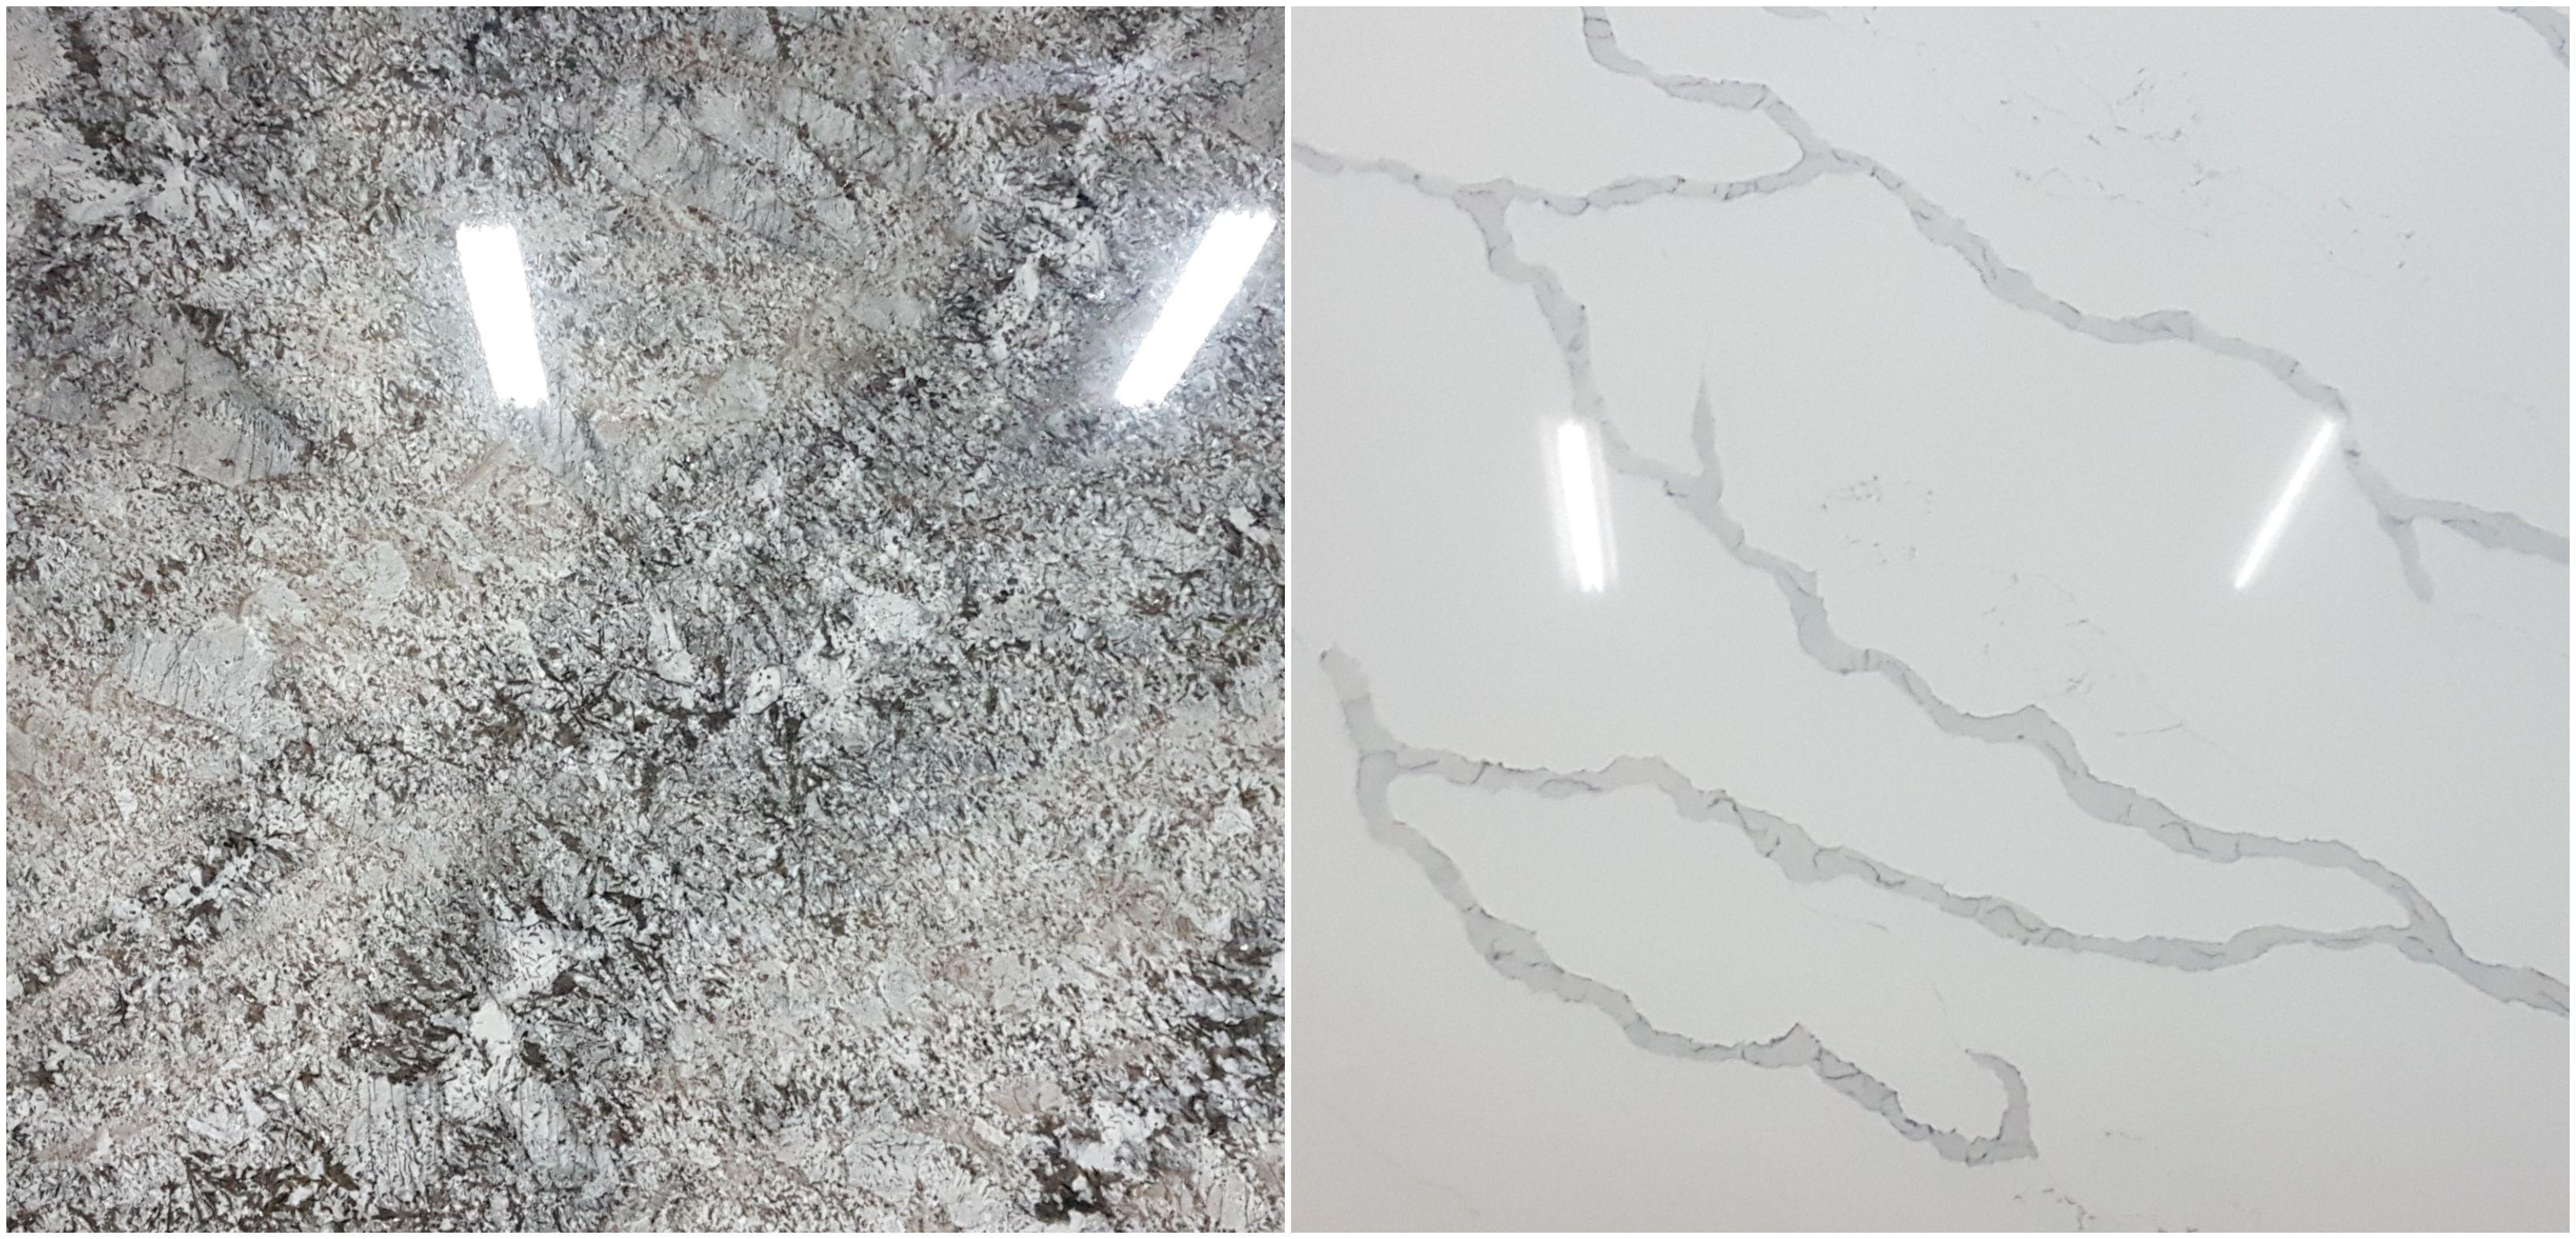 Granite Vs Quartz Which One Do You Prefer Granite And Quartz Are